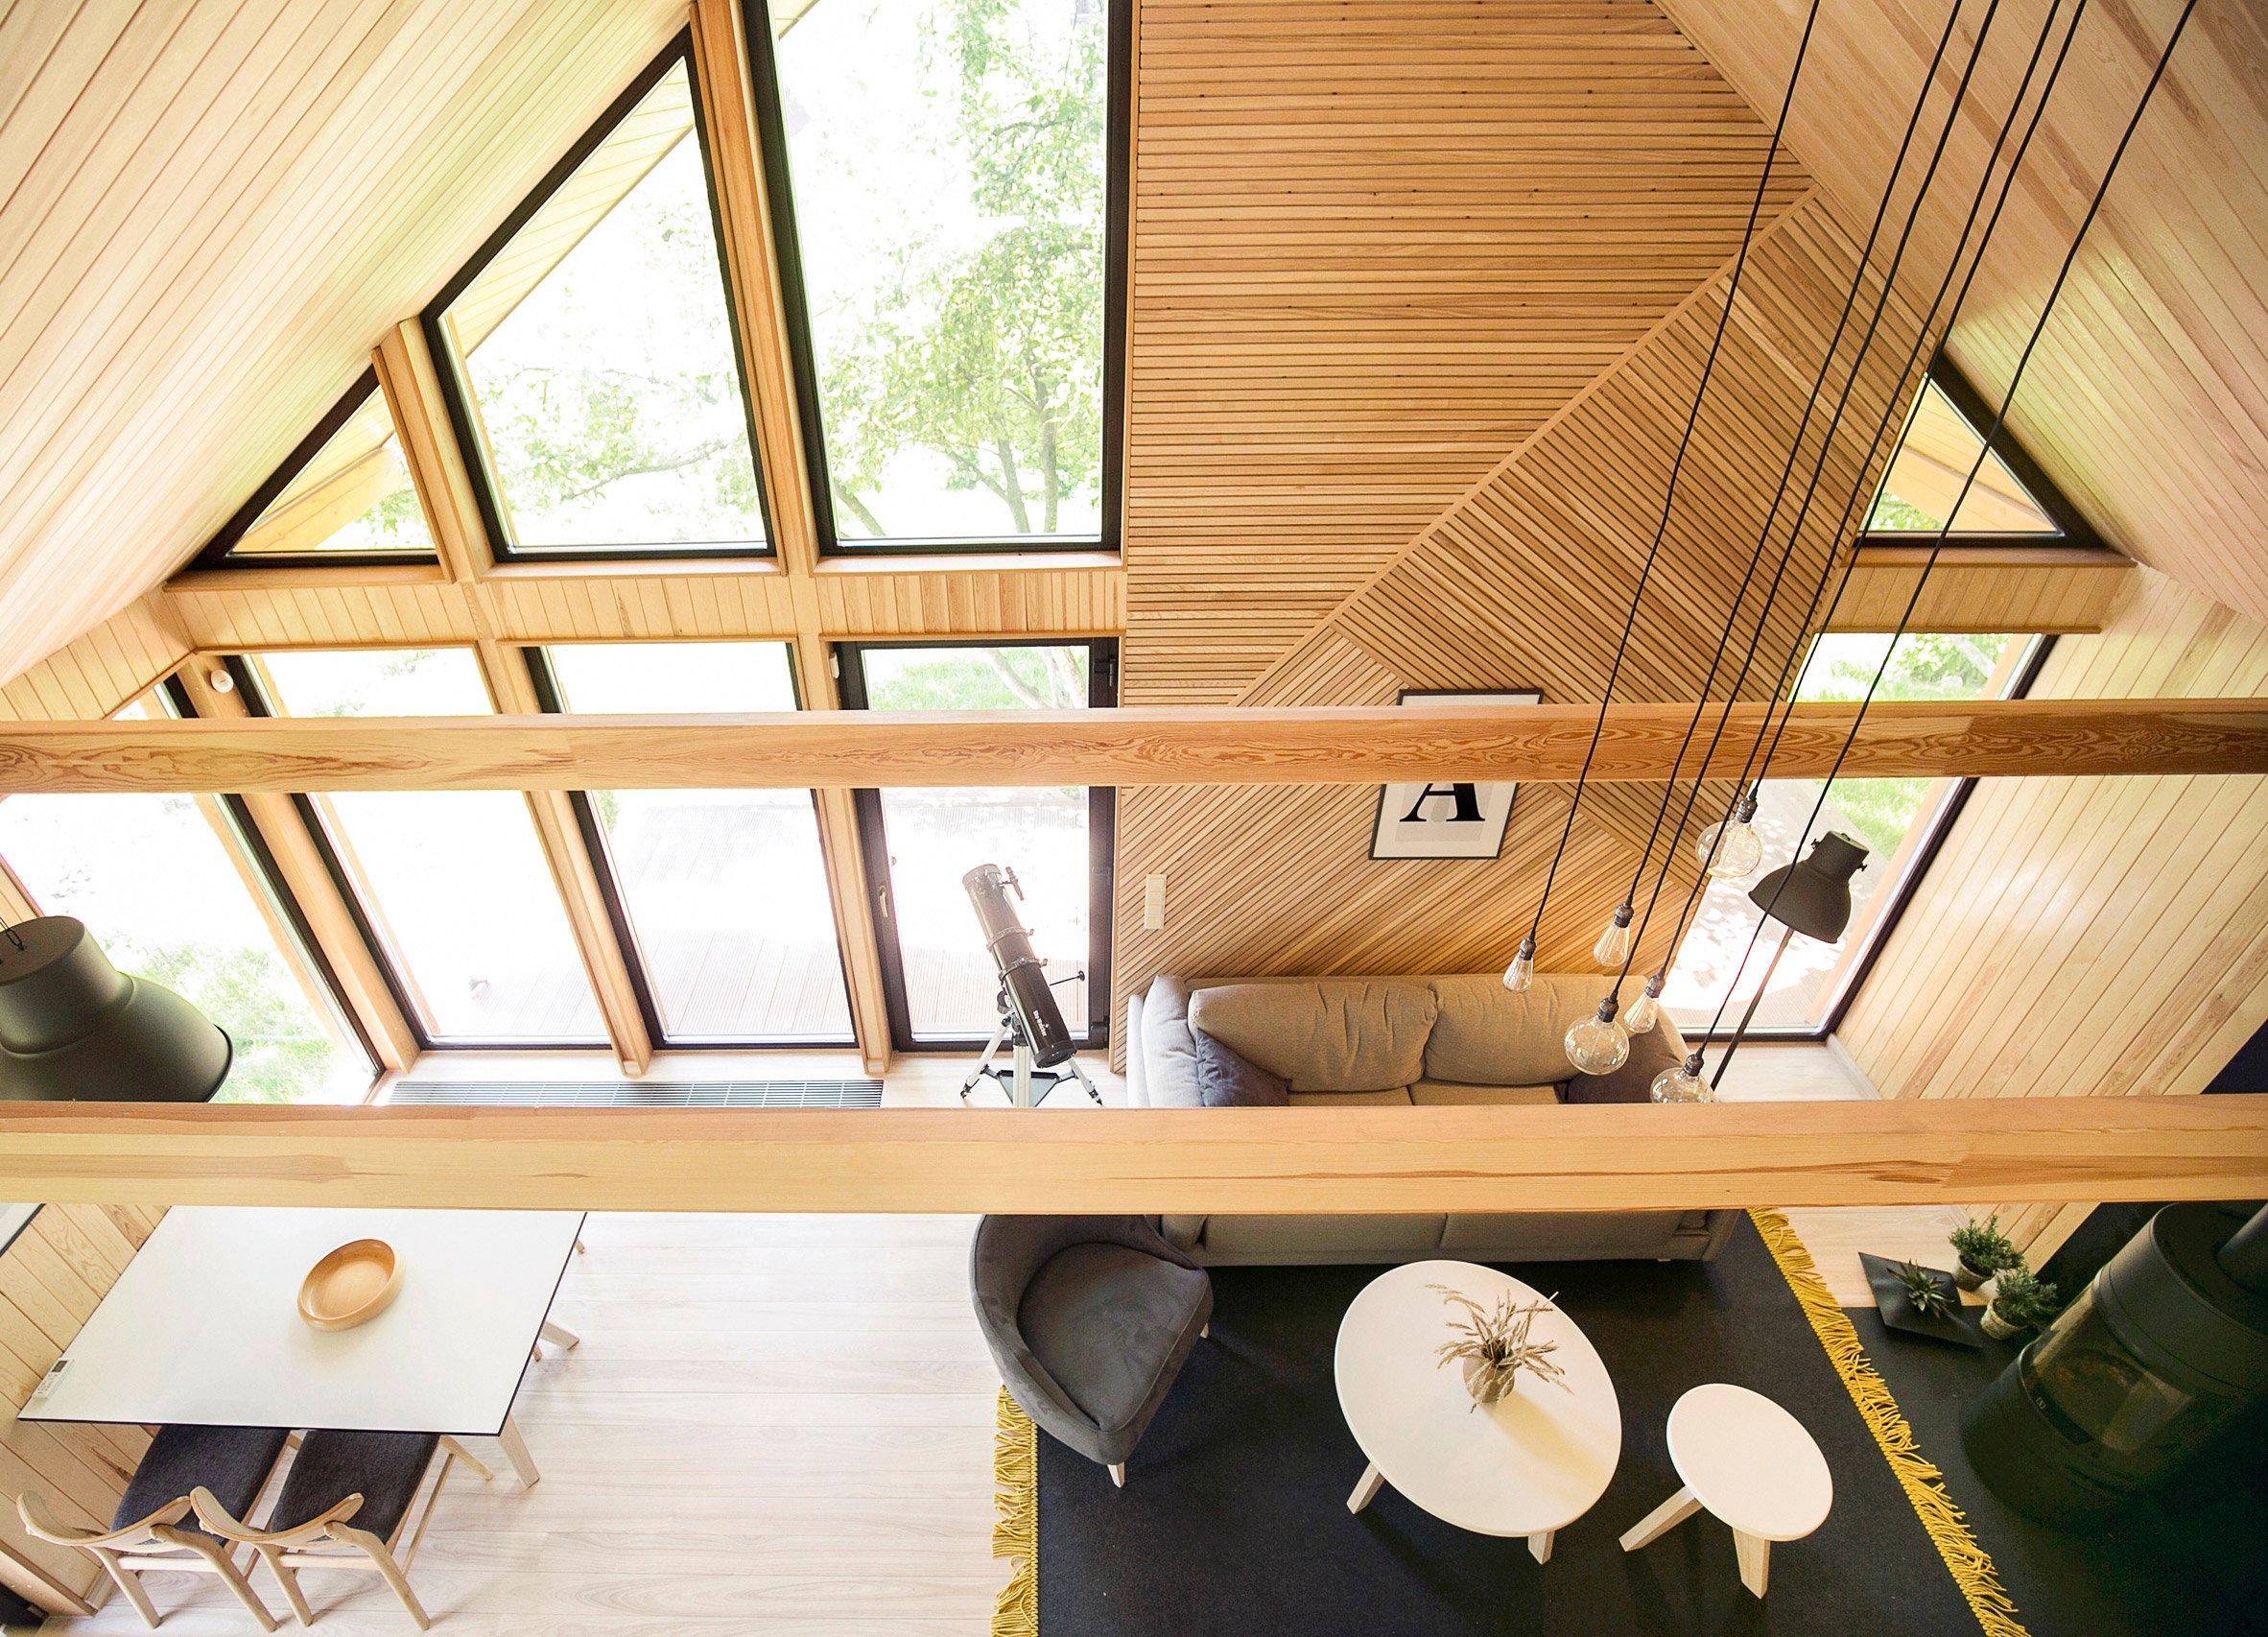 houten-huisje-minsk-zomerhuisje-5